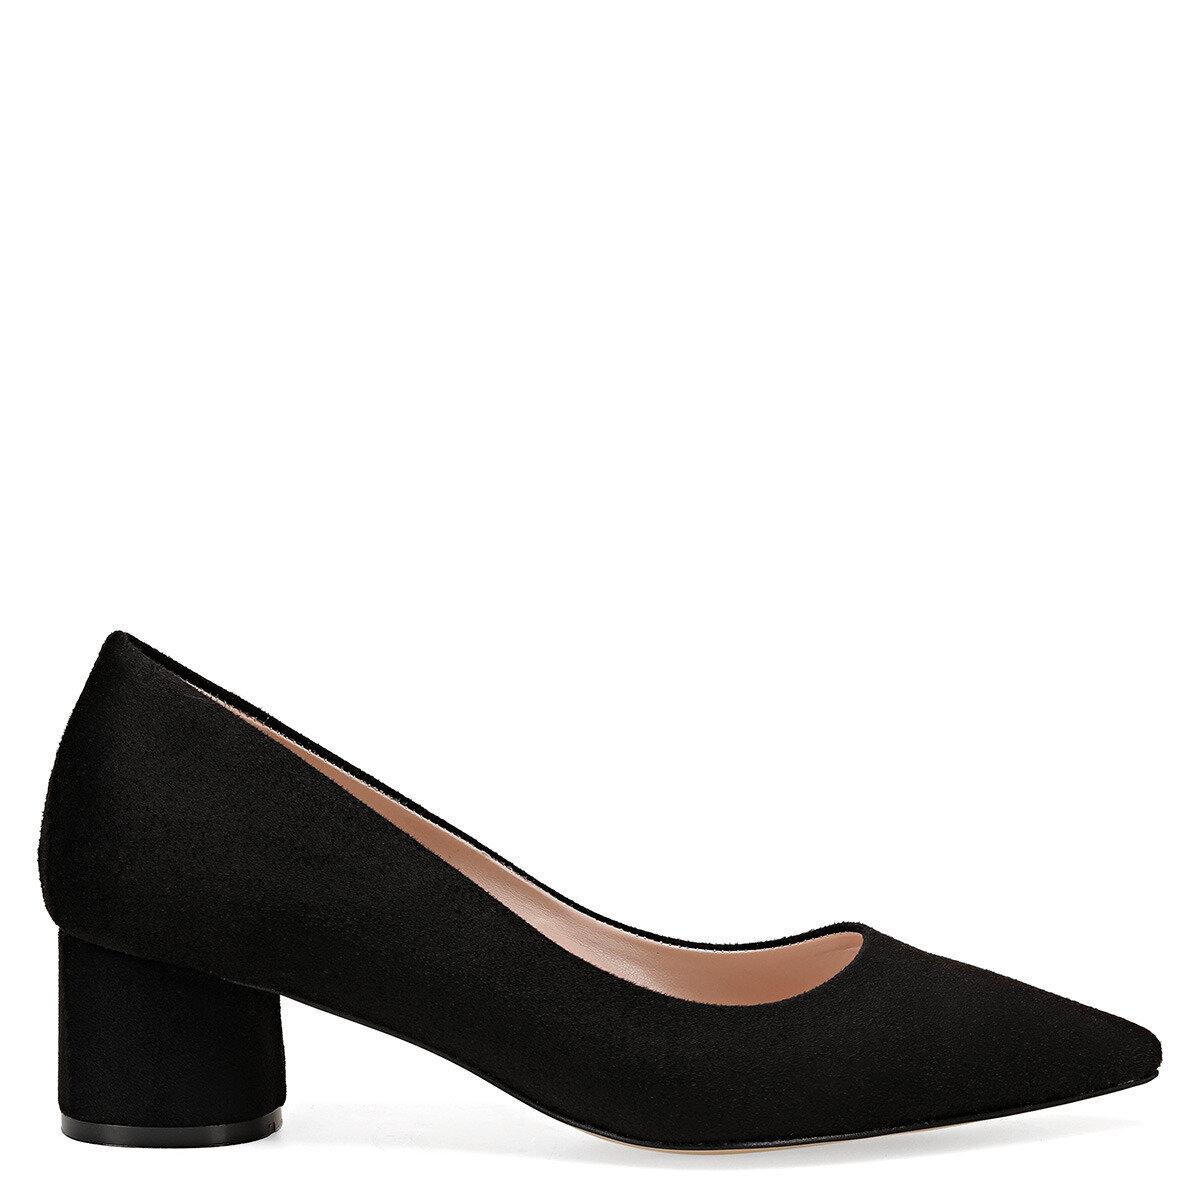 CLOUD Siyah Kadın Topuklu Ayakkabı